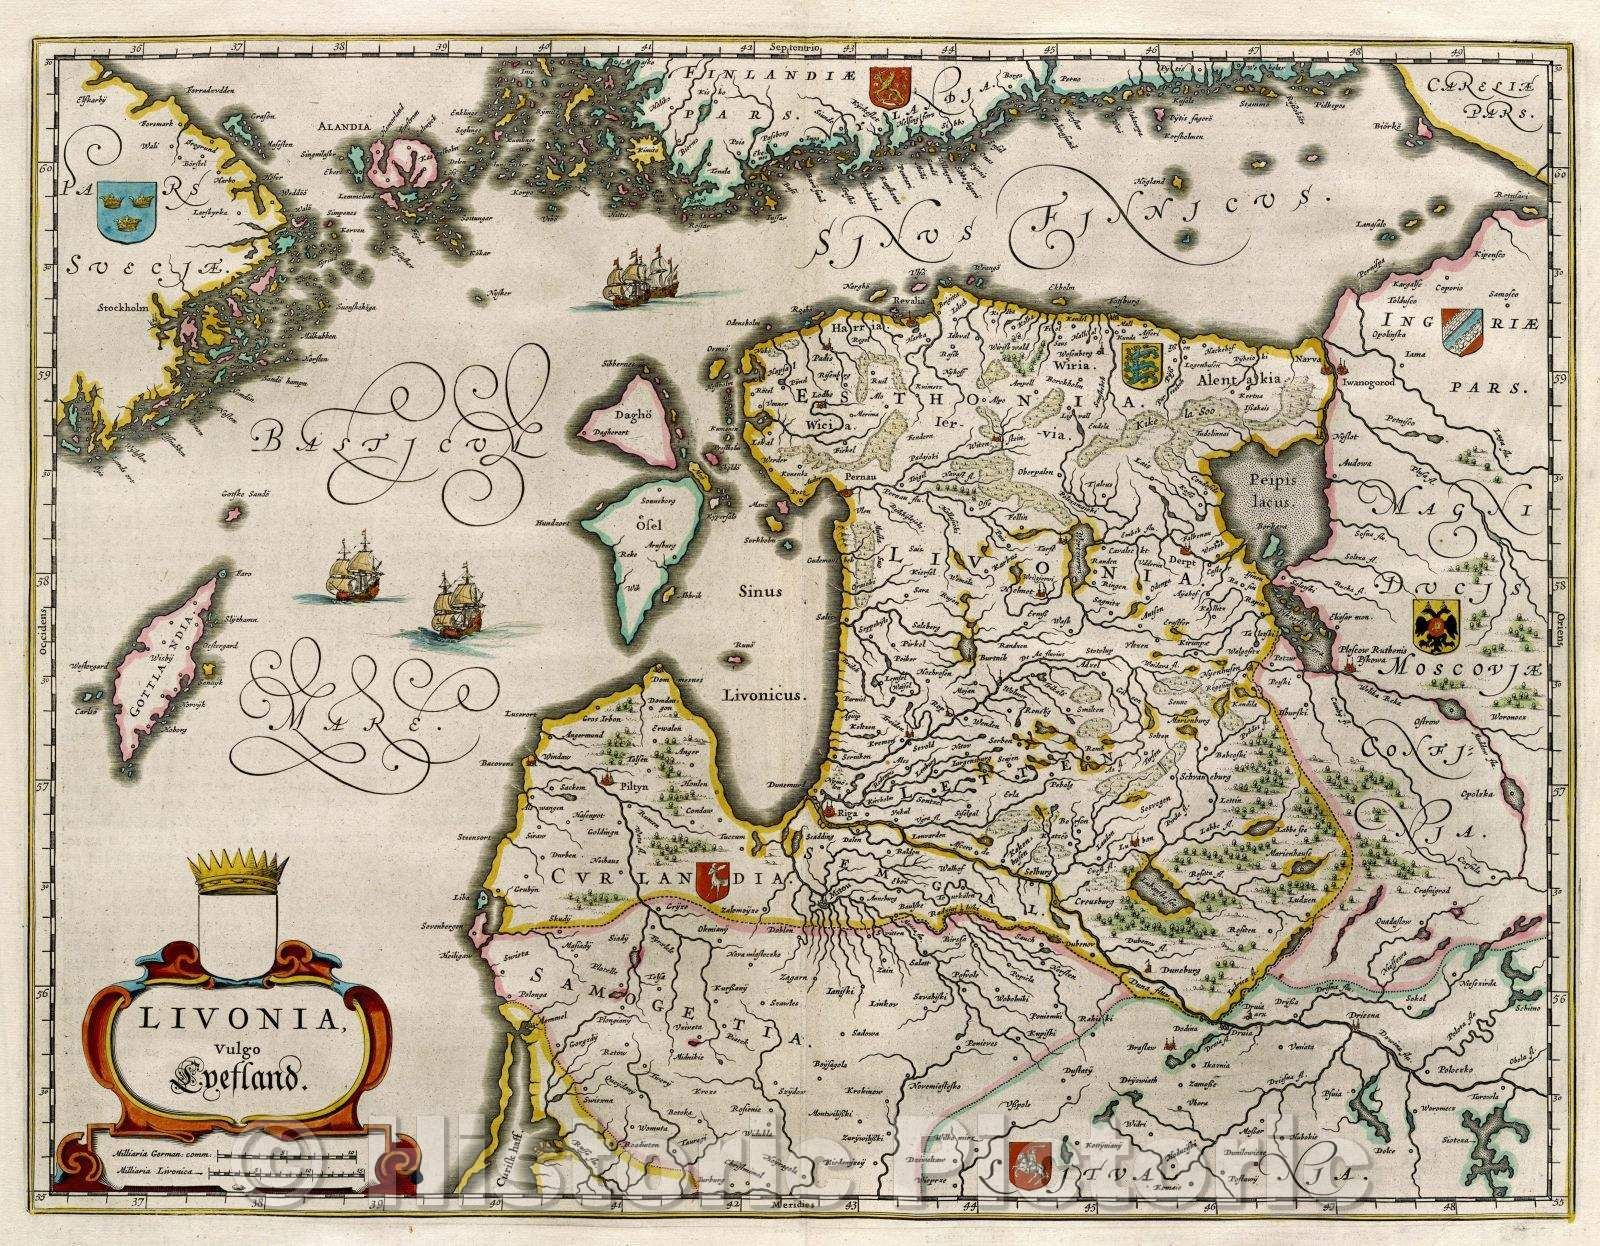 <p>Livonia, vulgo Lyefland., c. 1664</p>